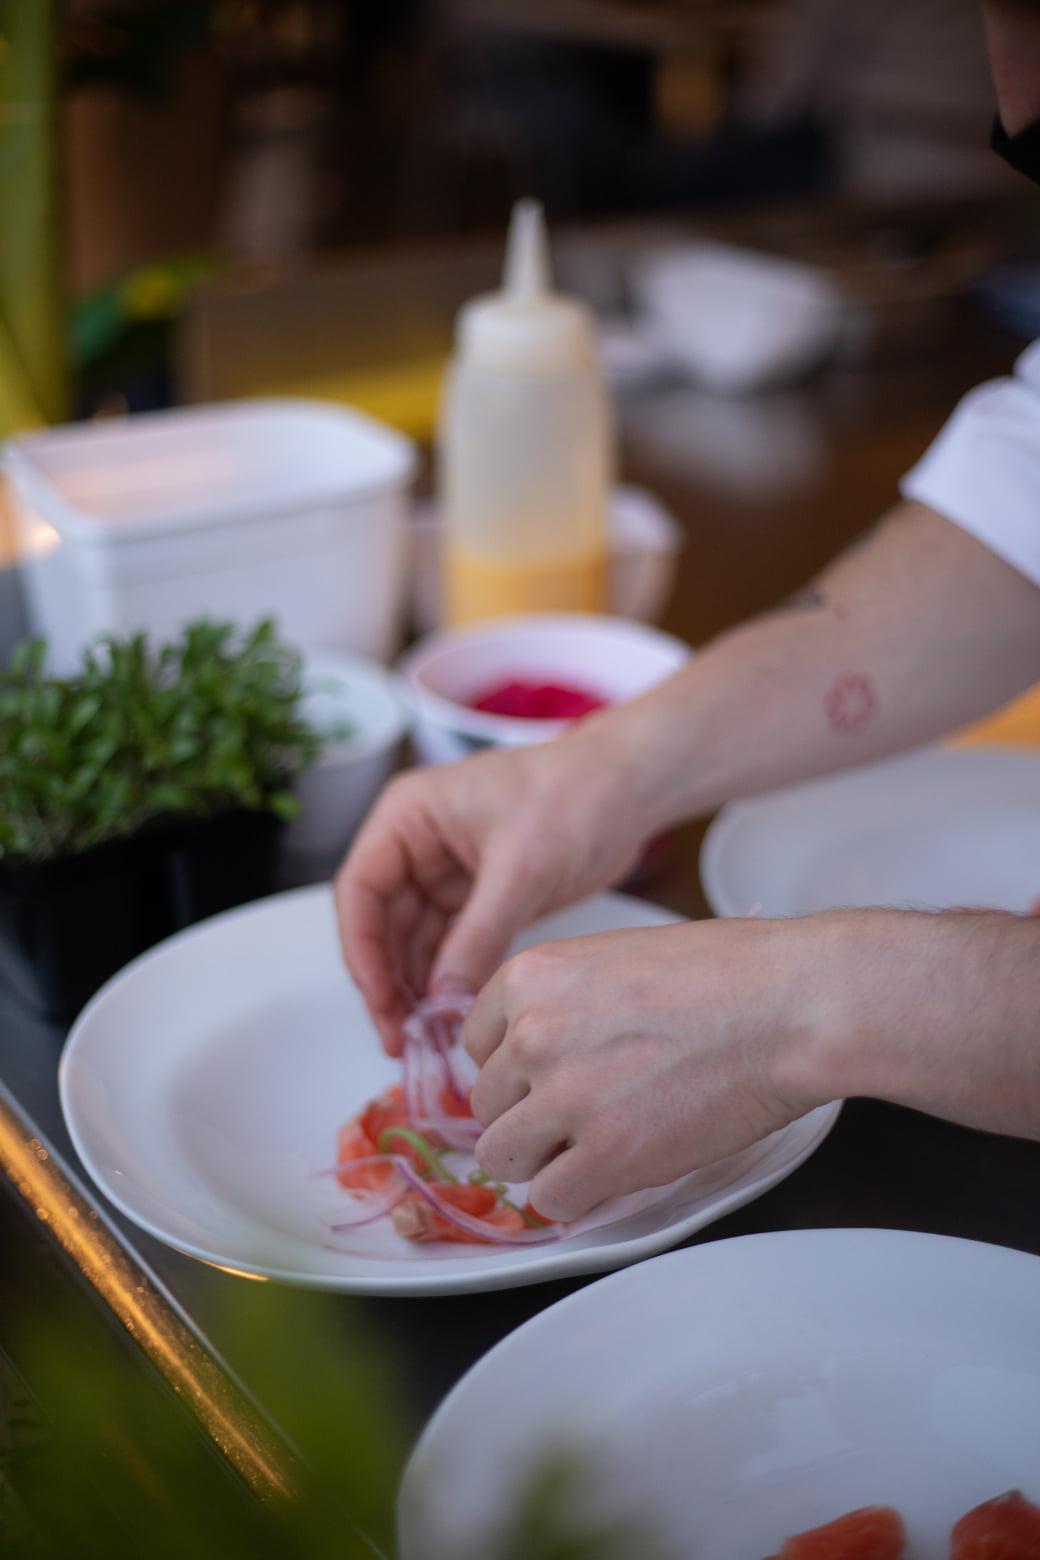 La noche de cocina Nikkei en el restaurante La Violeta, un evento culinario de primer nivel 20